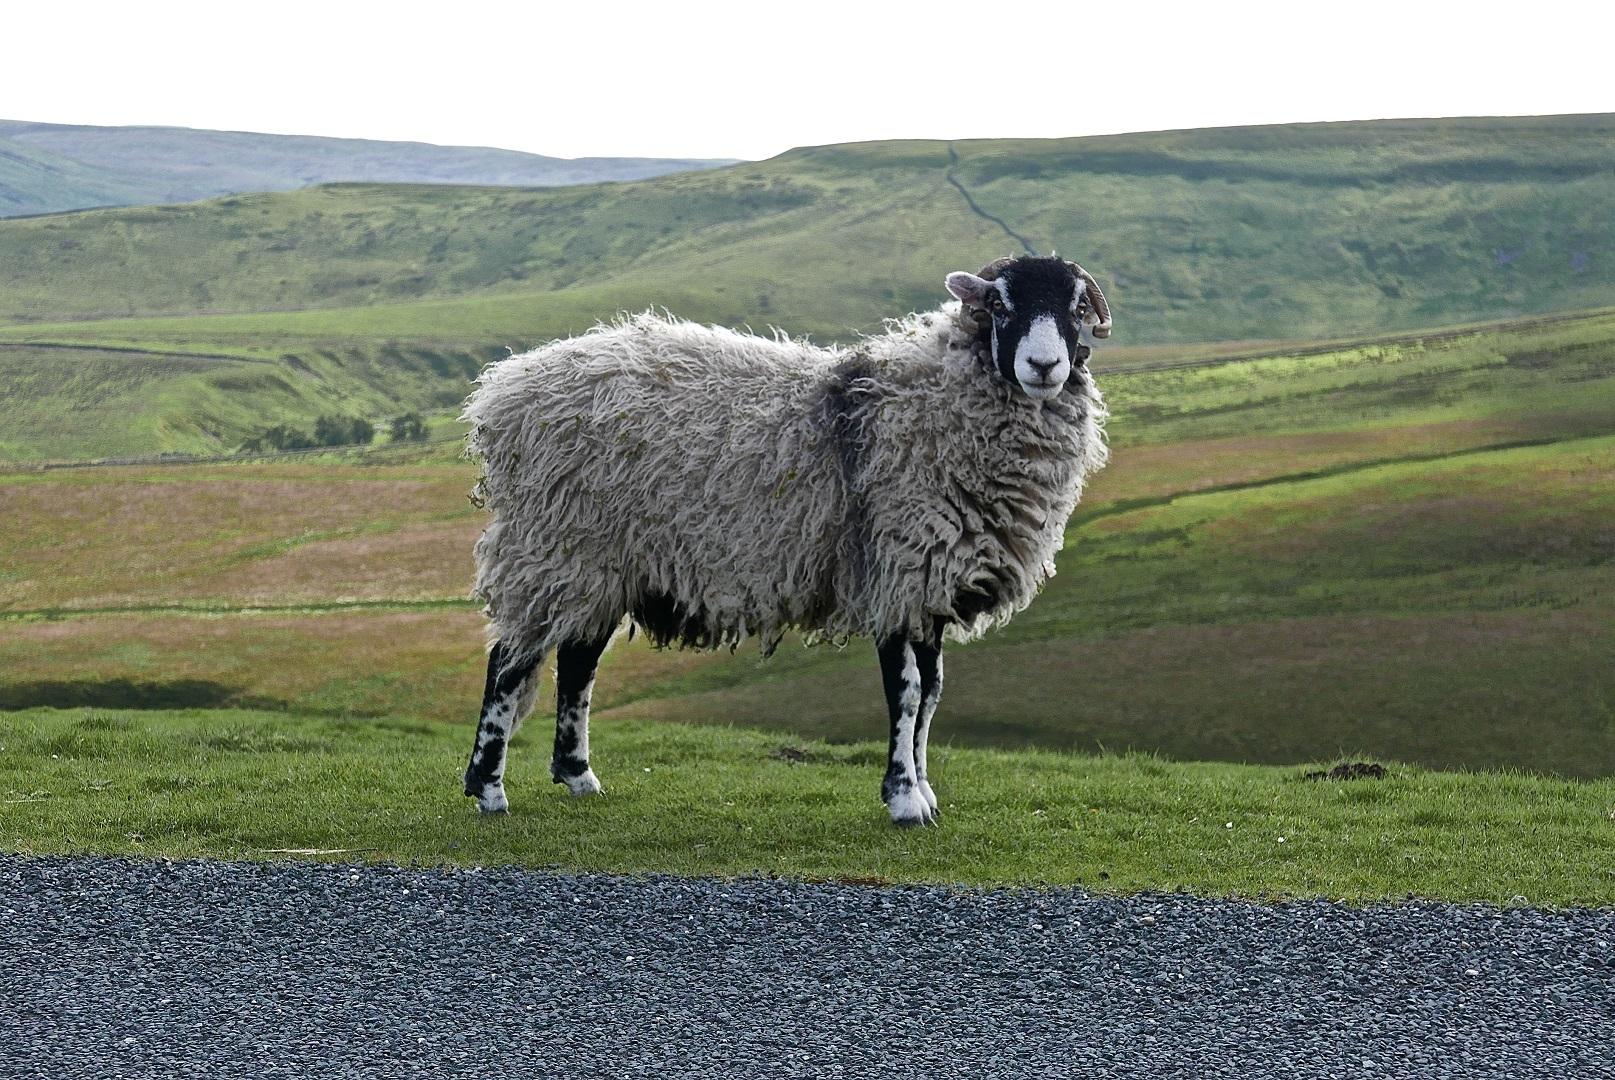 Sheep on moors | Photo: Michael Webb